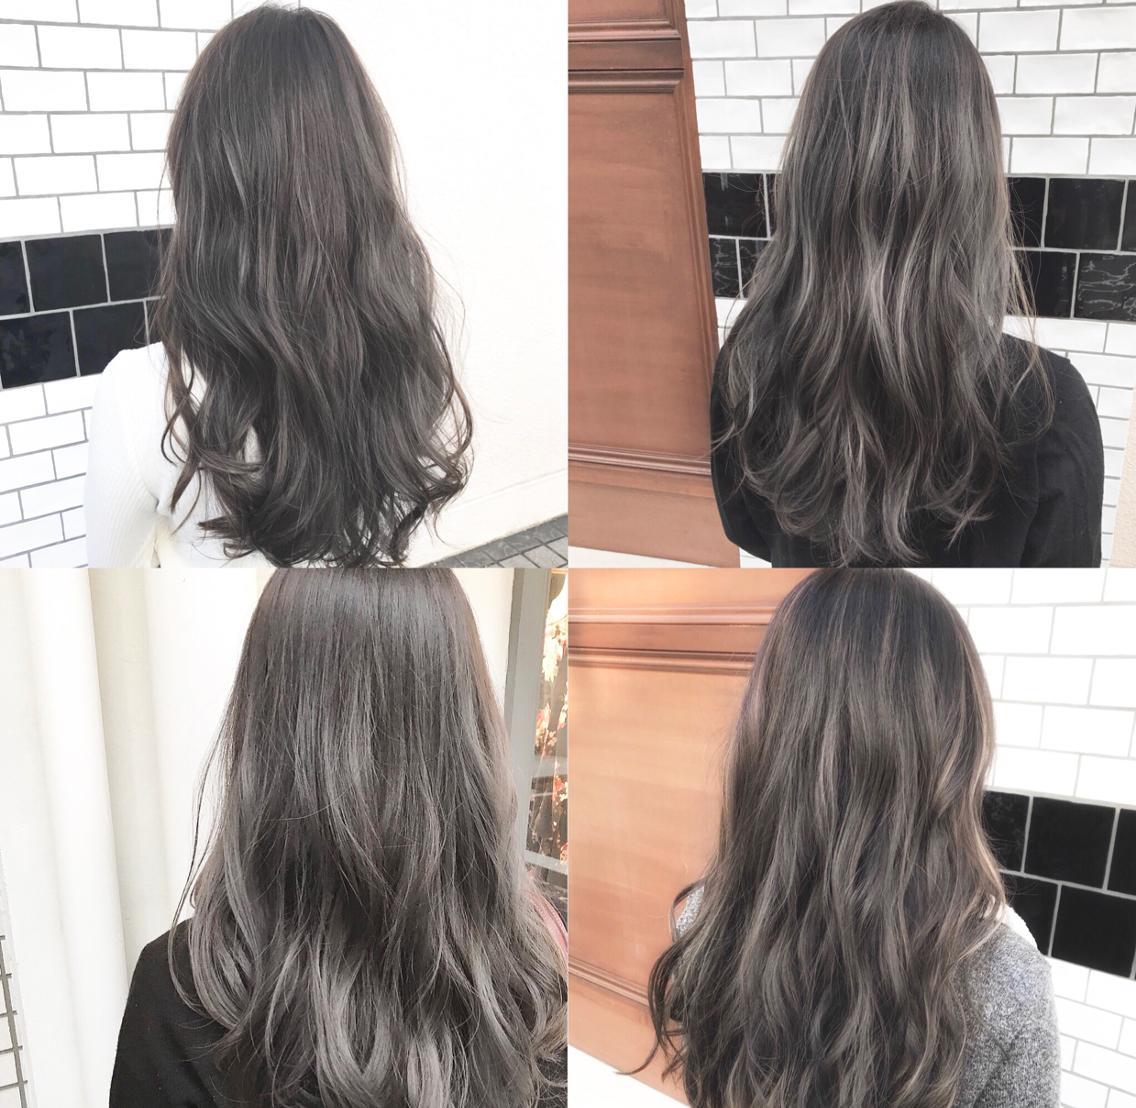 ⭐️1月限定60%オフ【当日予約OK‼️】⭐️支持率NO.1の赤み消しなグレージュカラー大人気⭐️ダメージレスなイルミナカラー再現性あるパーマヘア、ハイクオリティで自然体なヘアが得意⭐️